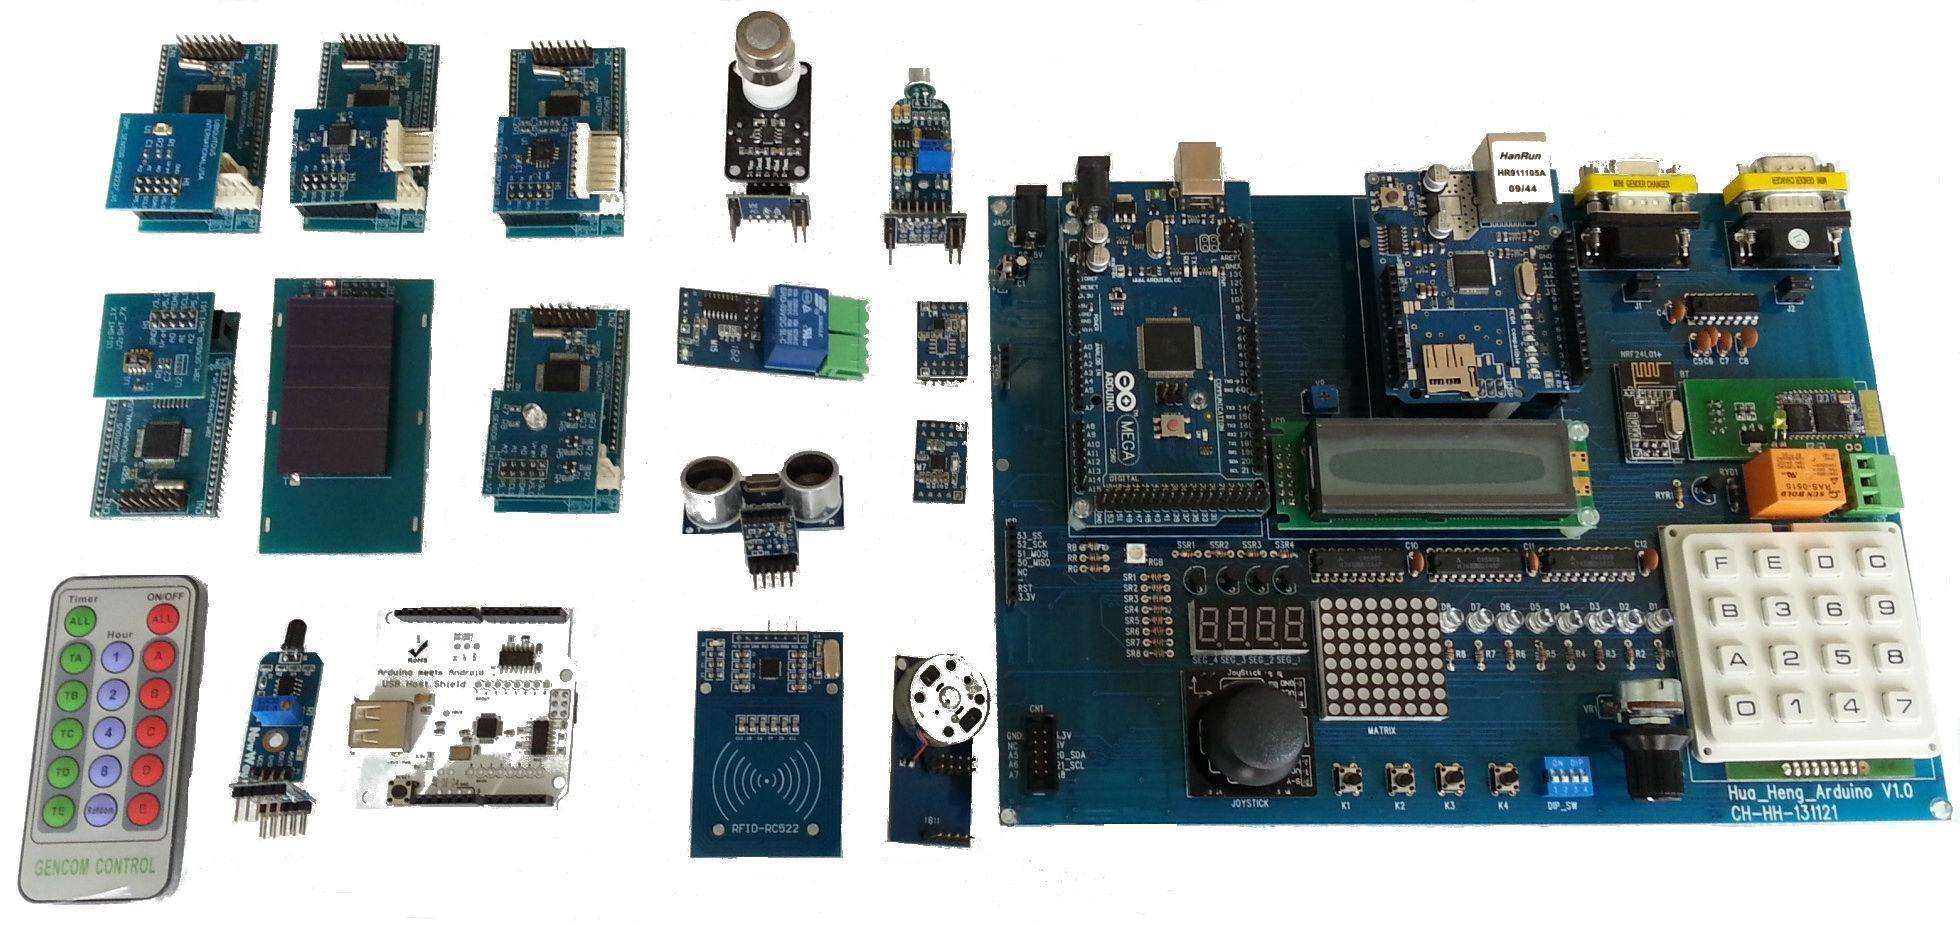 可变电阻 蓝芽bt无线通讯功能 基本感测器硬体: adc vr输入电路功能